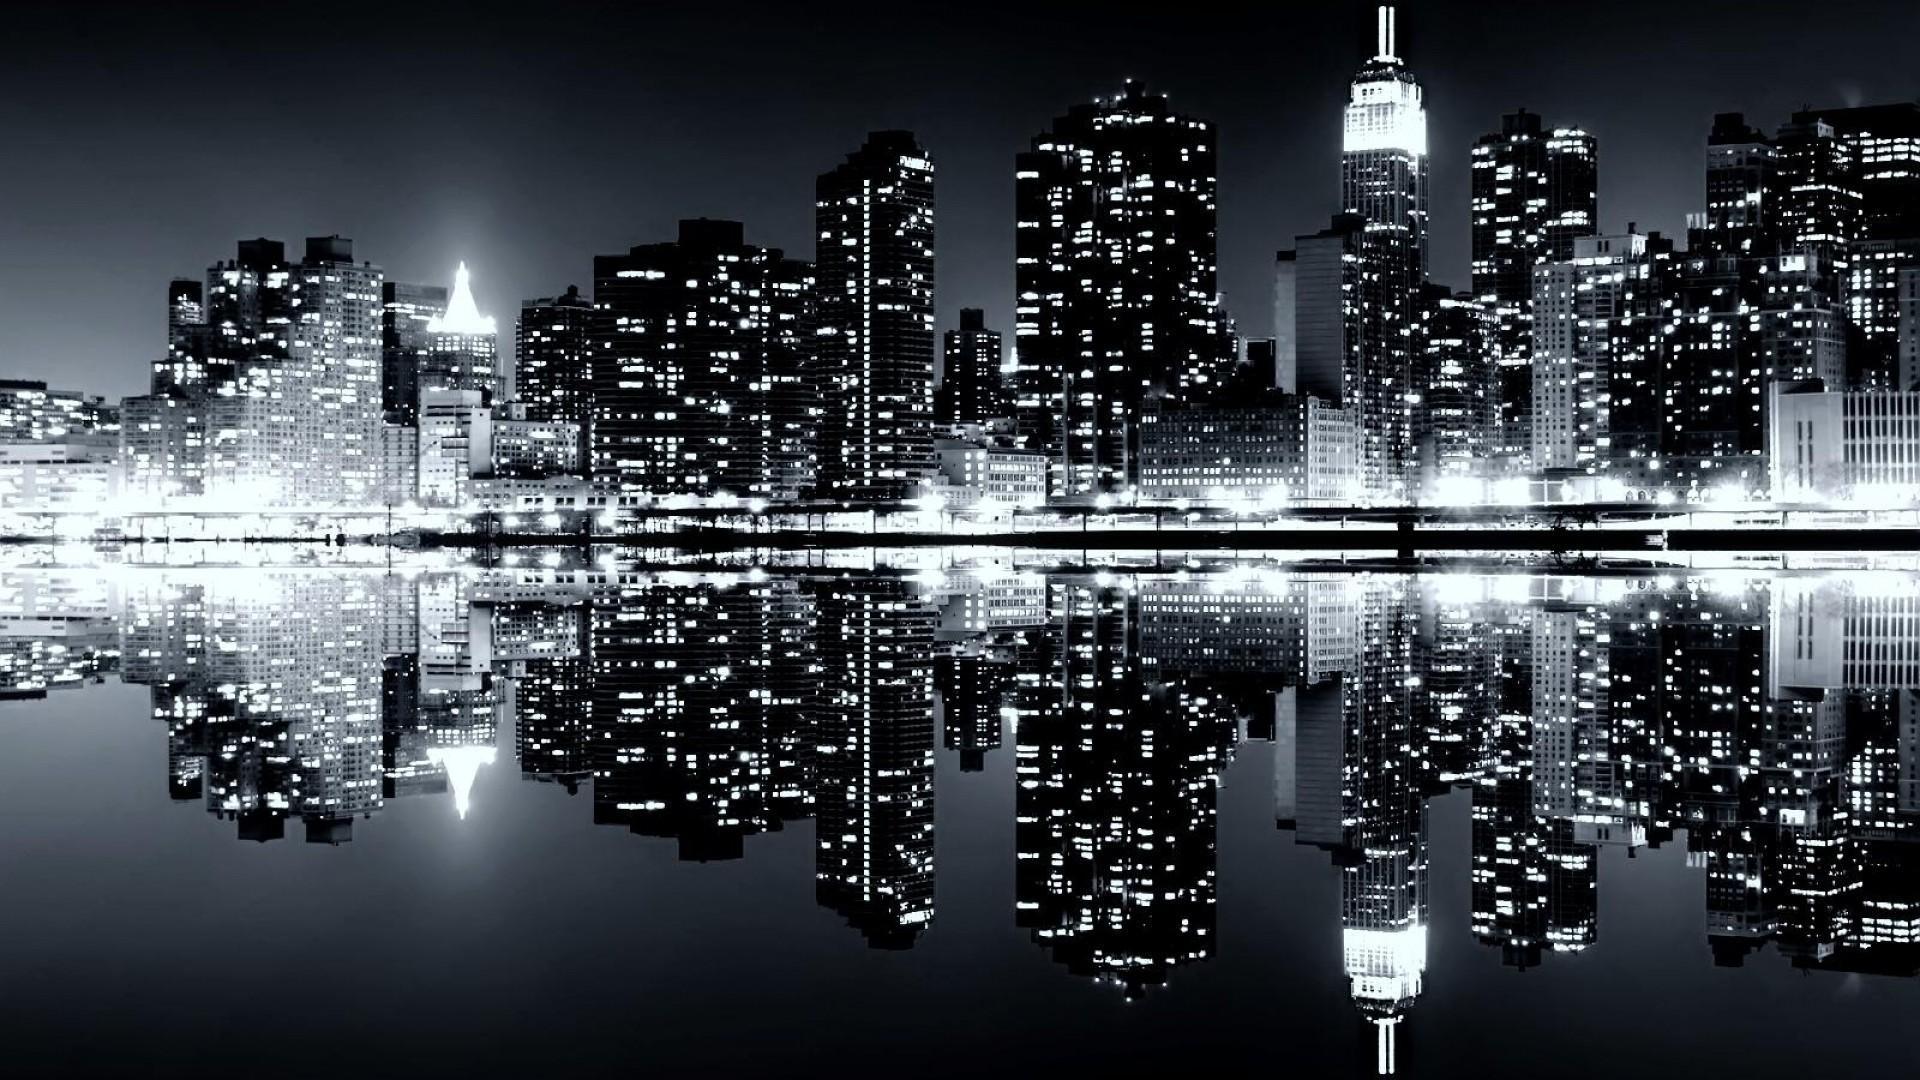 New York Skyline Wallpaper Black And White wallpaper – 1115517